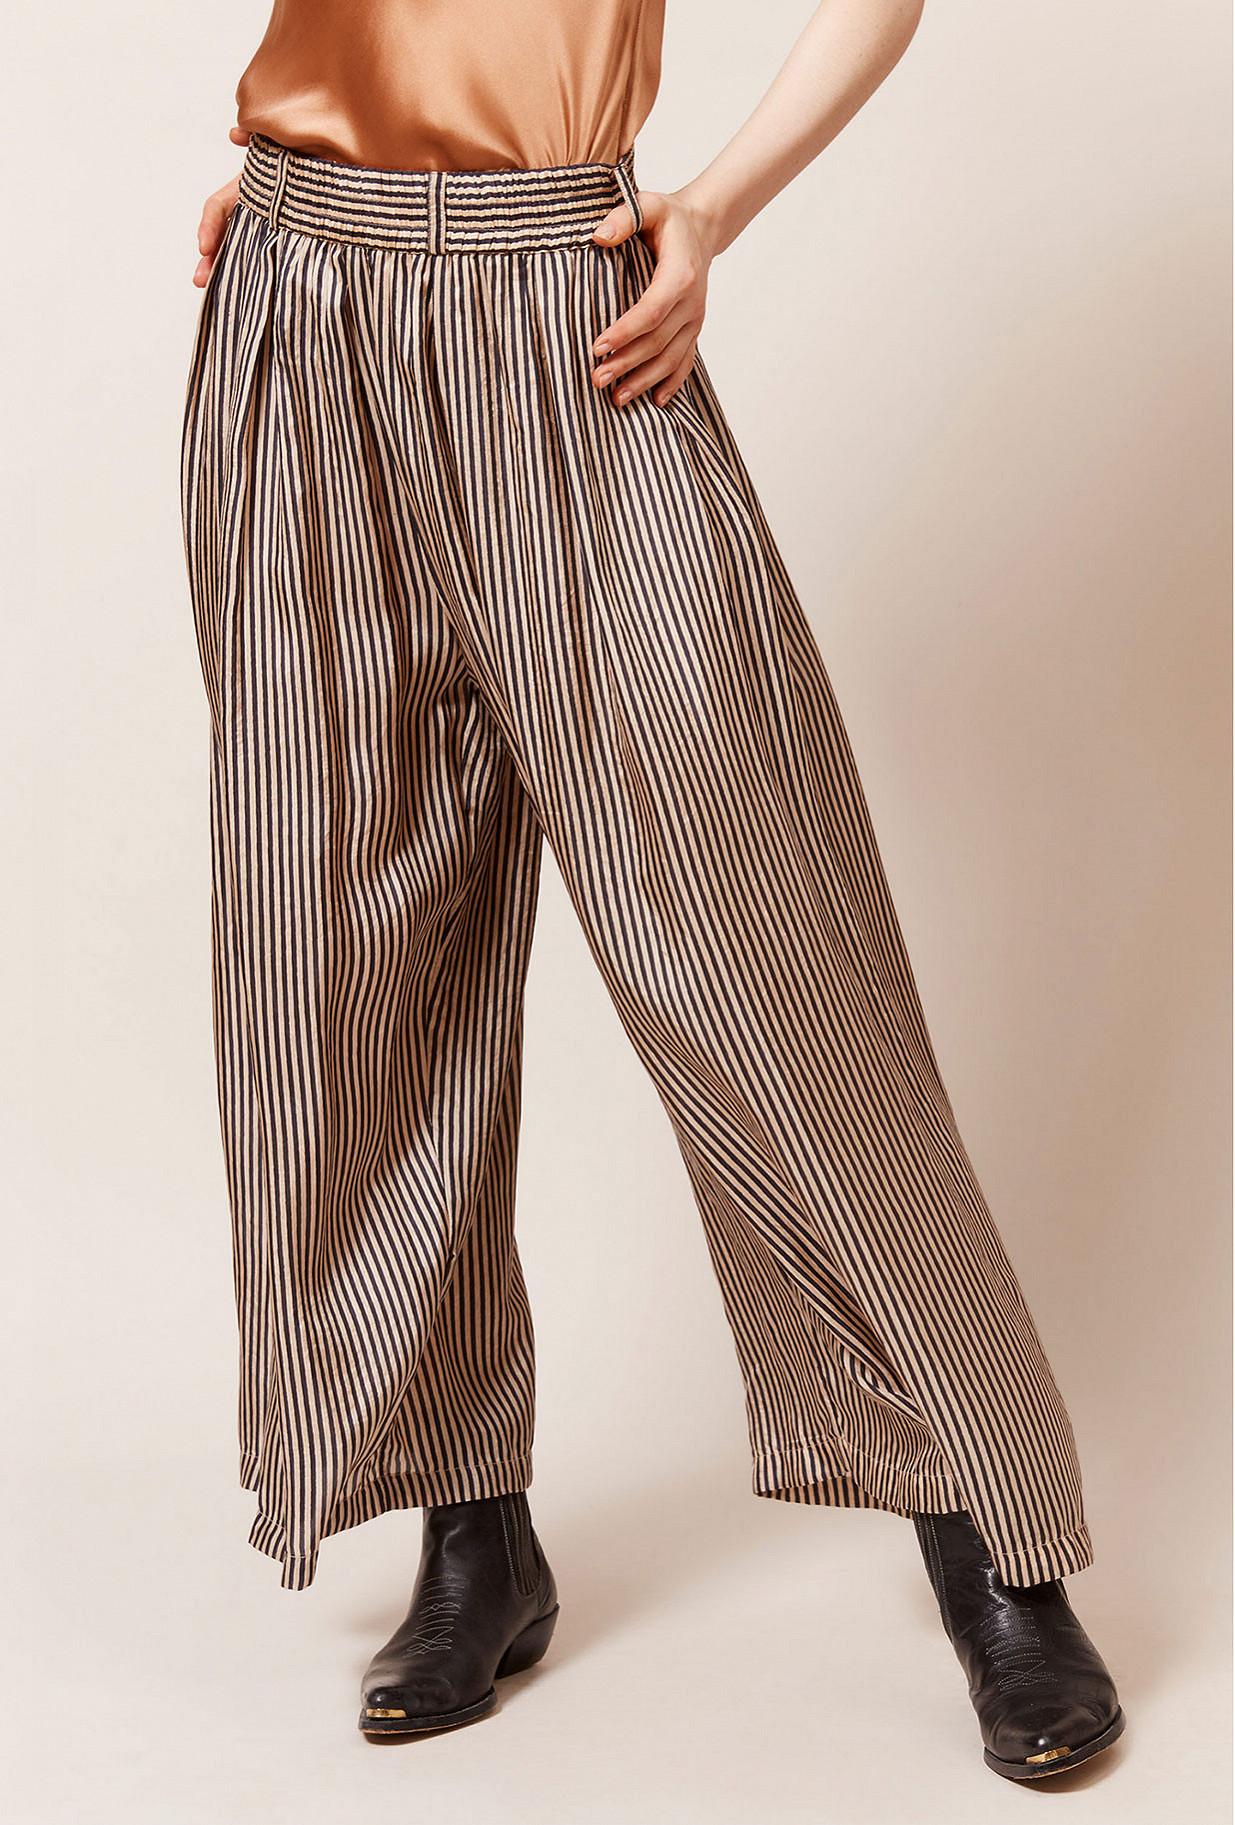 Black stripe  Pant  Barnet Mes demoiselles fashion clothes designer Paris